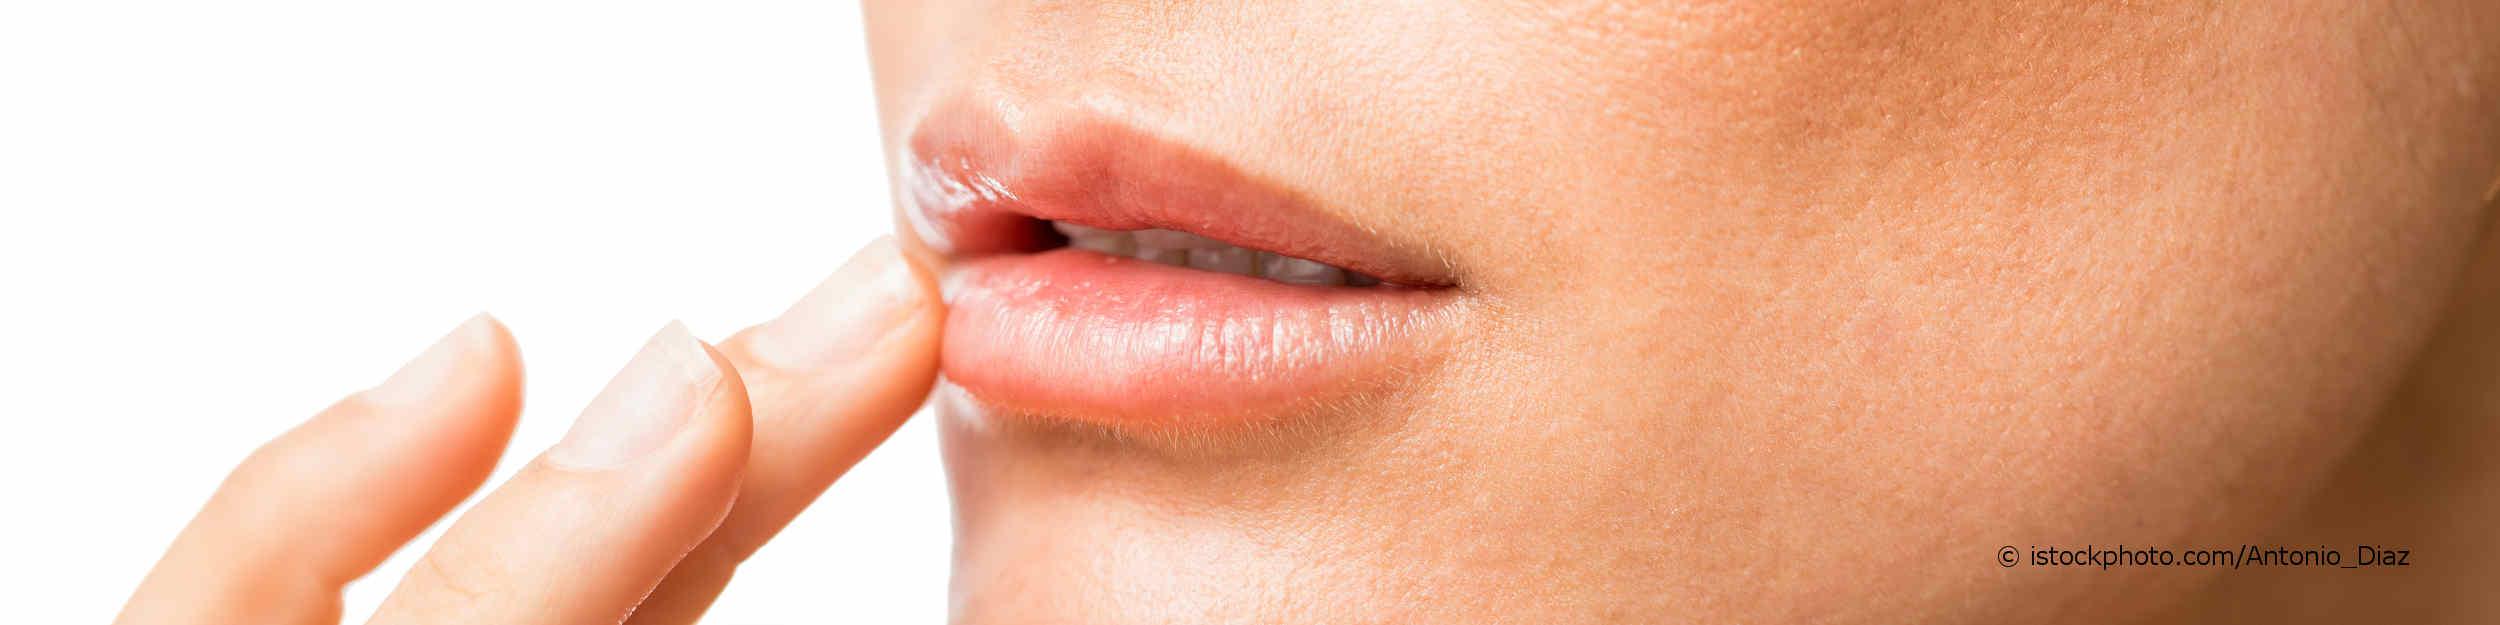 Junge Frau berührt ihren Mund mit Lippenherpes (Herpes simplex).